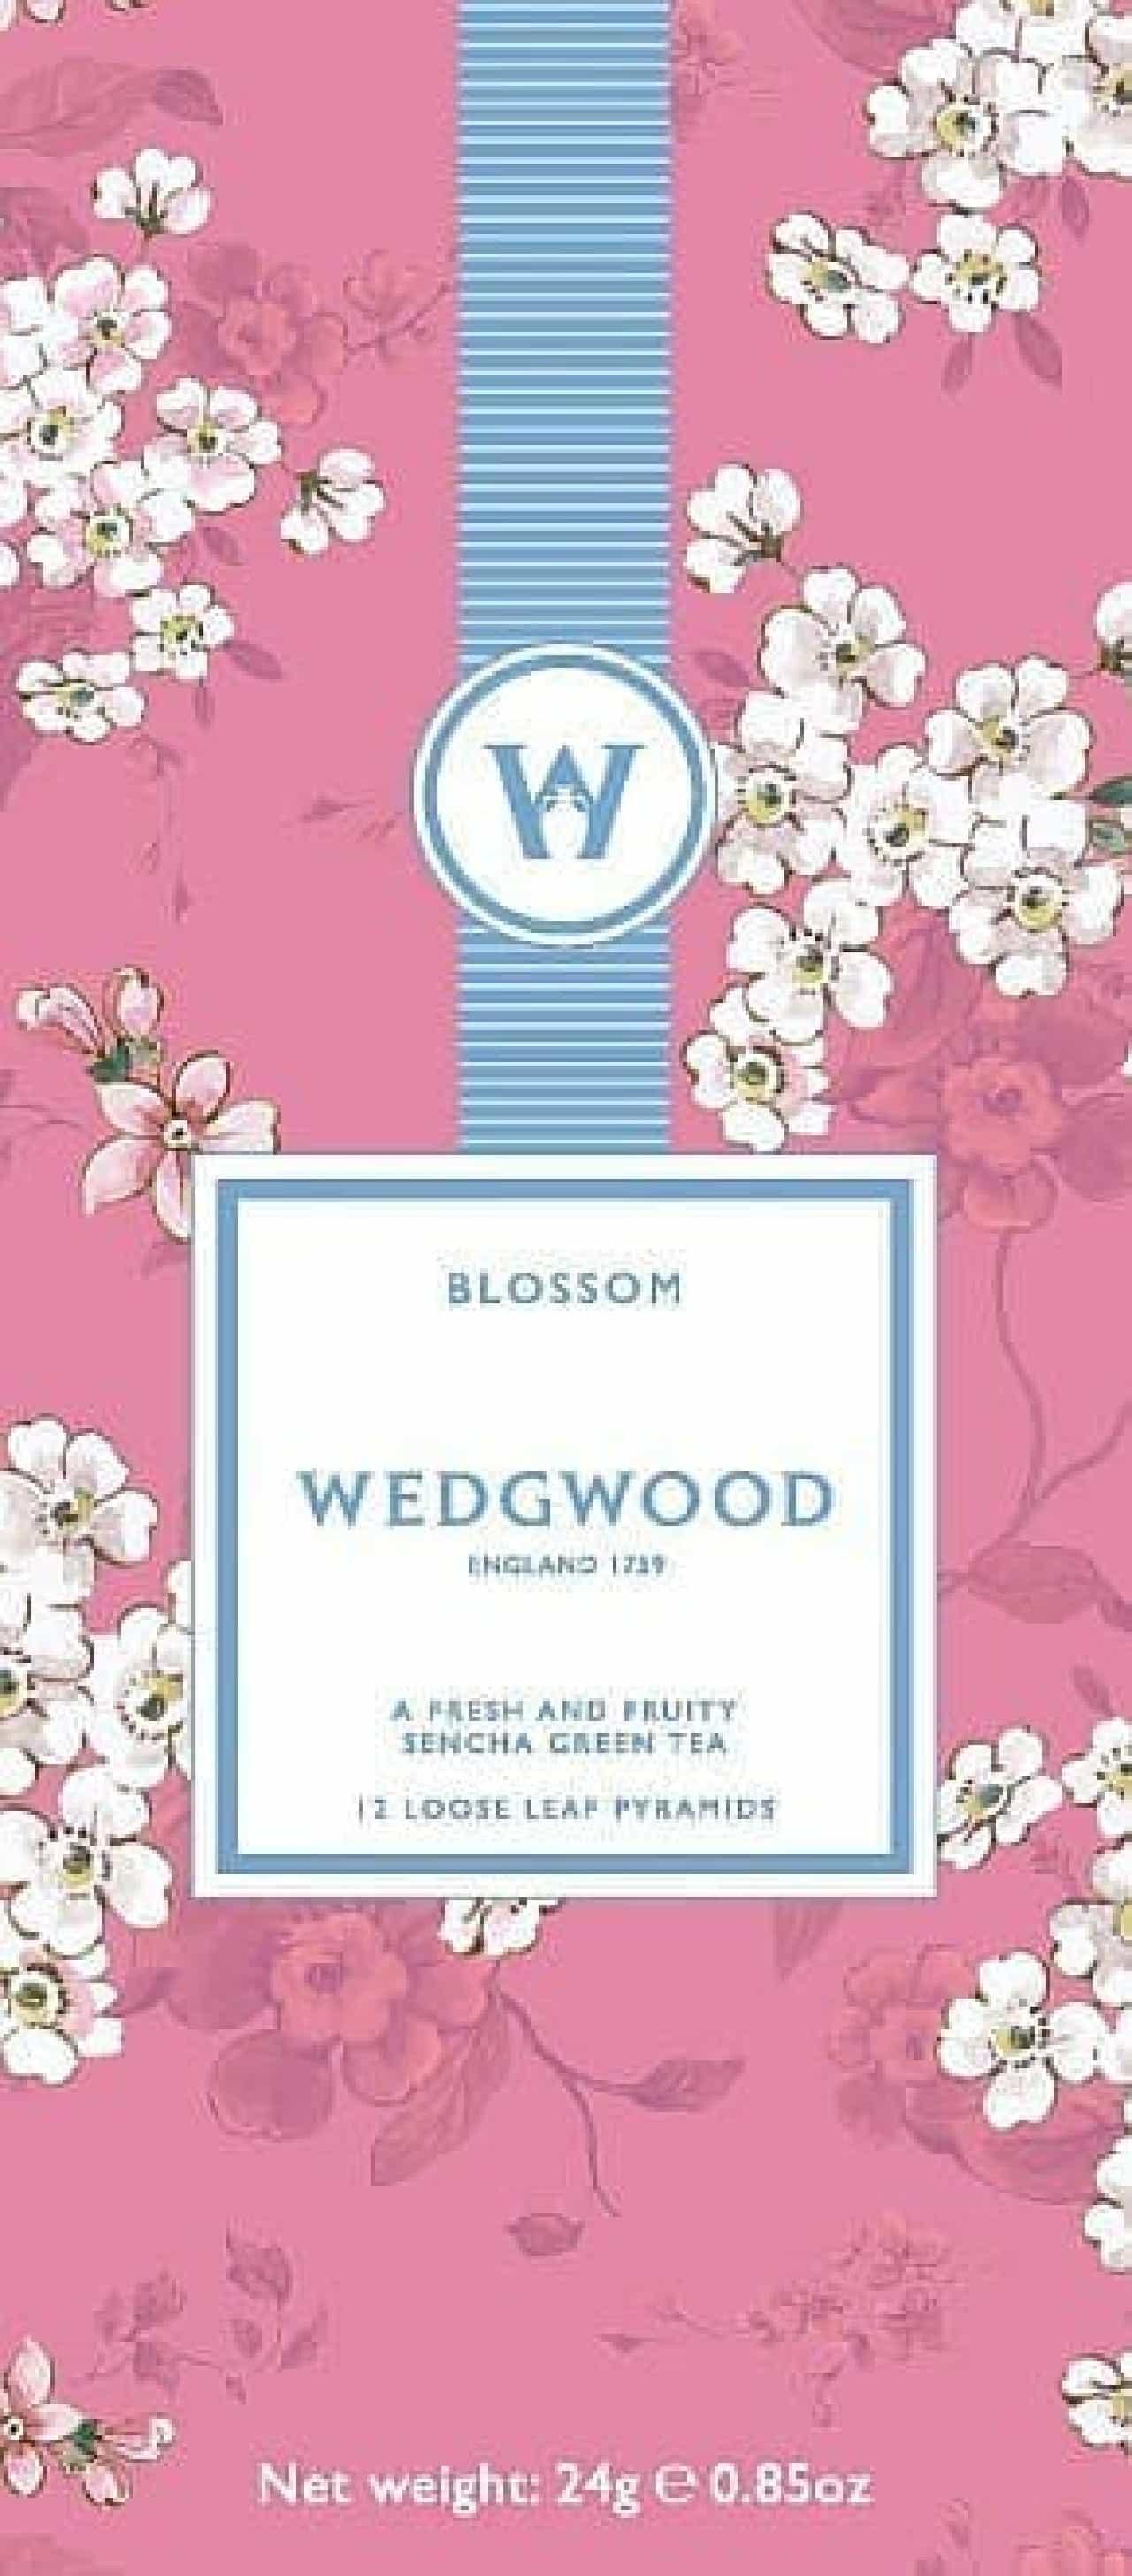 ウェッジウッドから、季節を楽しむお茶「ウェッジウッド ブロッサム」